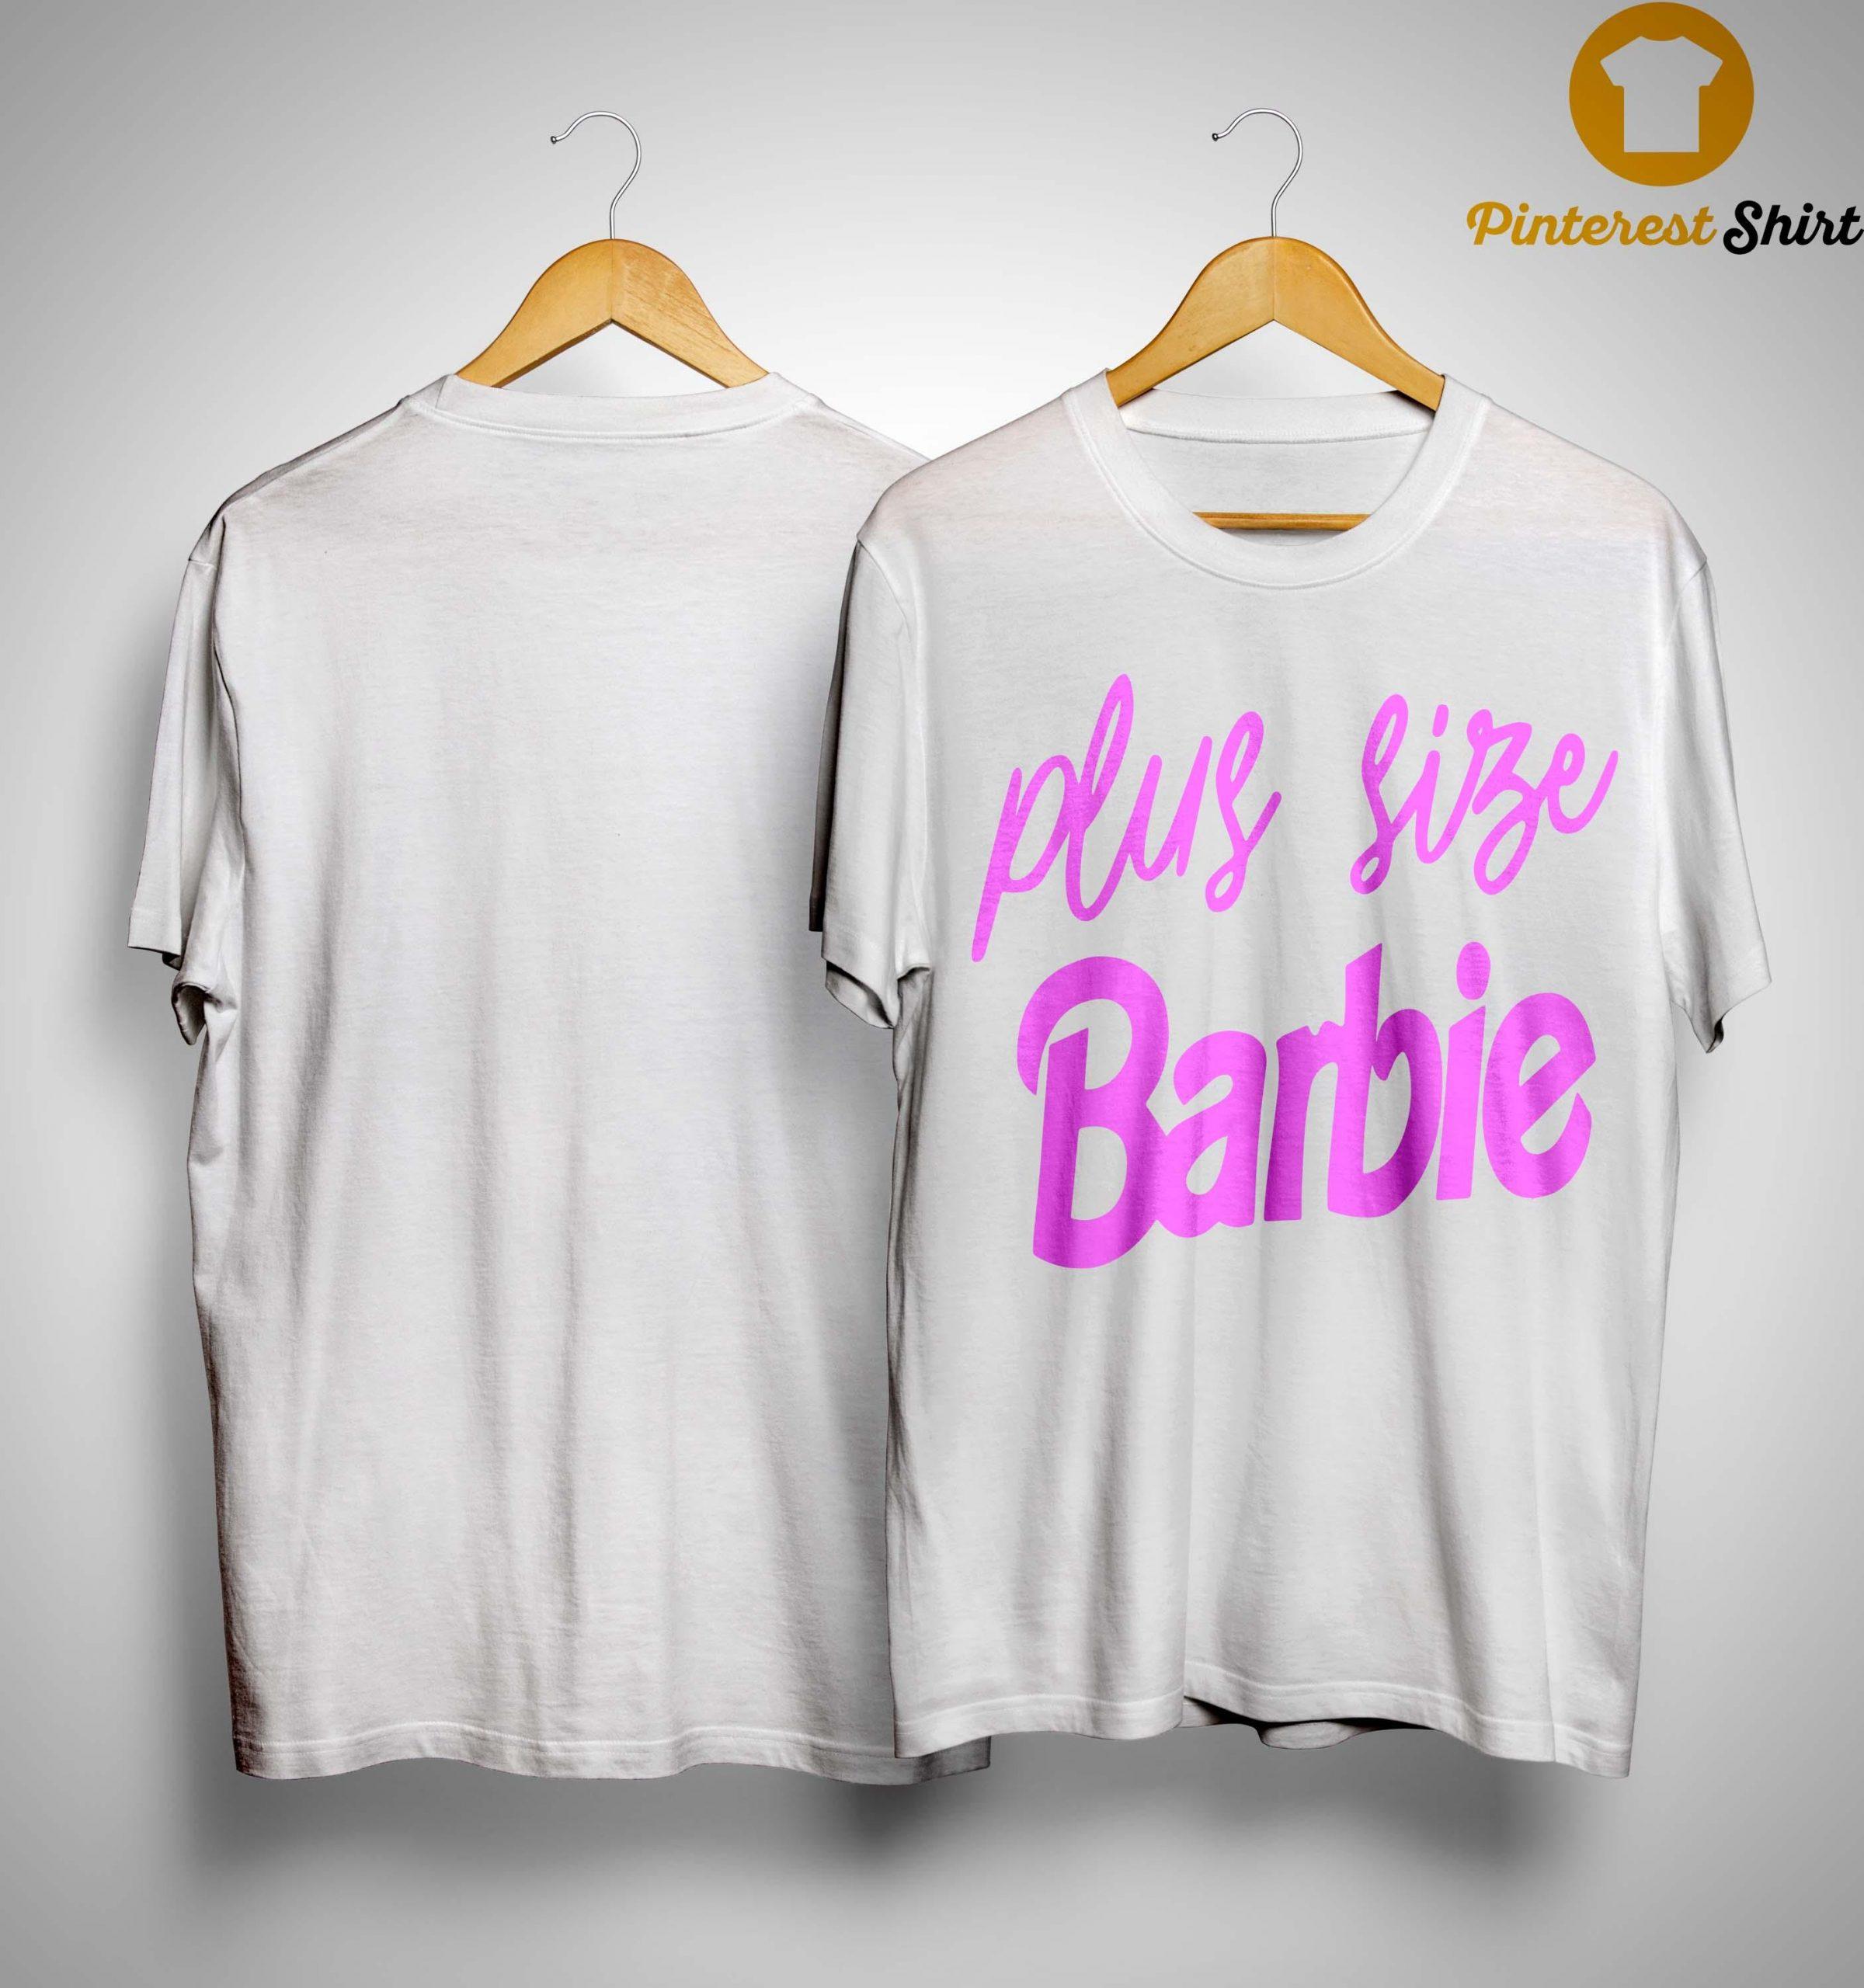 Plus Size Barbie Shirt